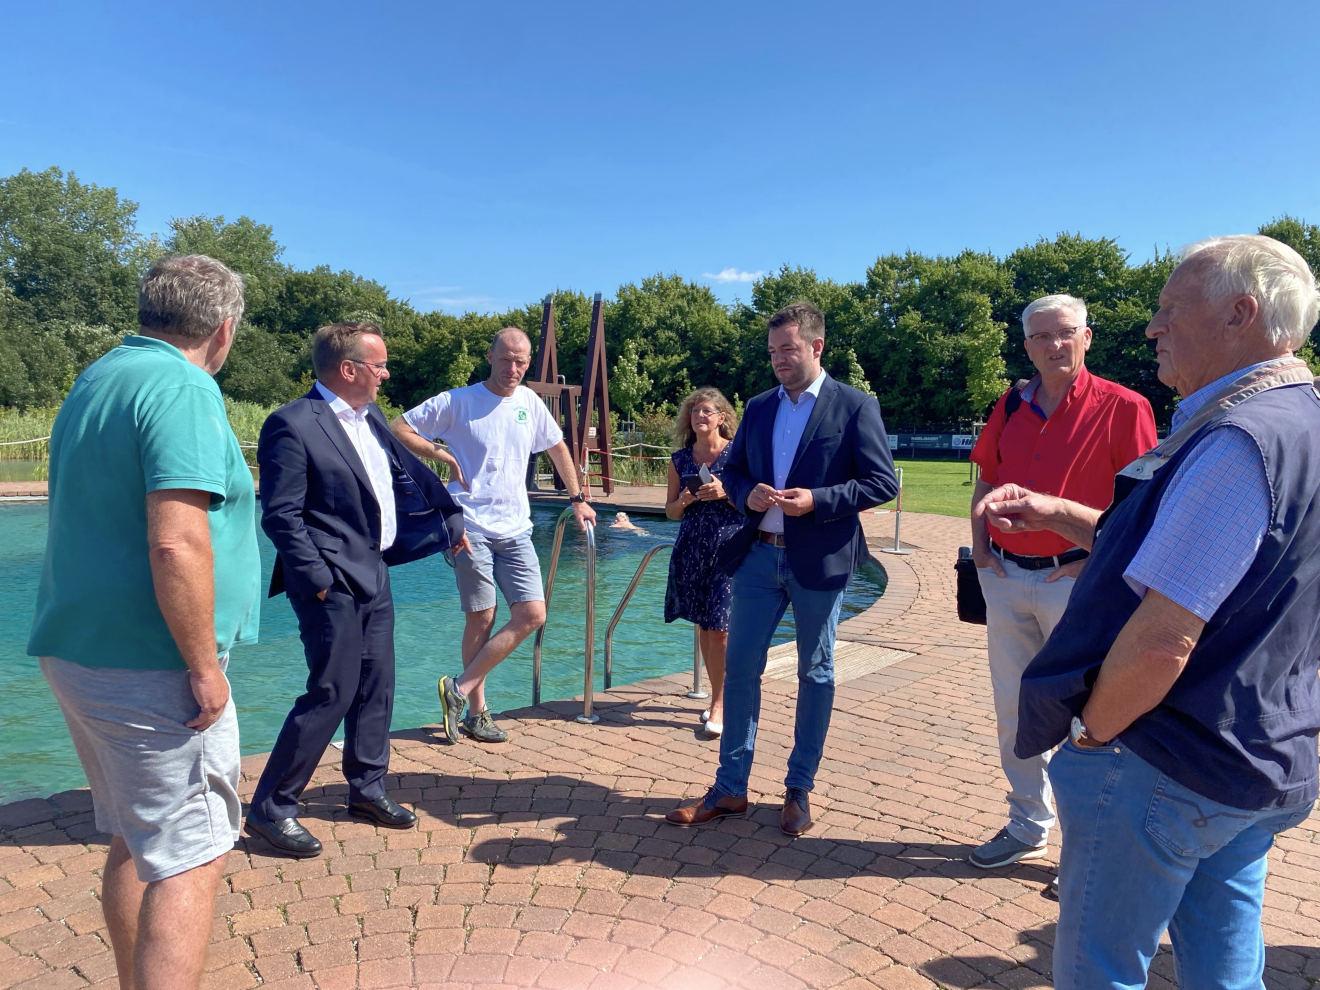 V. l.: Jörg Viere, Innenminister Boris Pistorius, Christoph Schürmann, Elke Viere und Bürgermeisterkandidat Adrian Schäfer